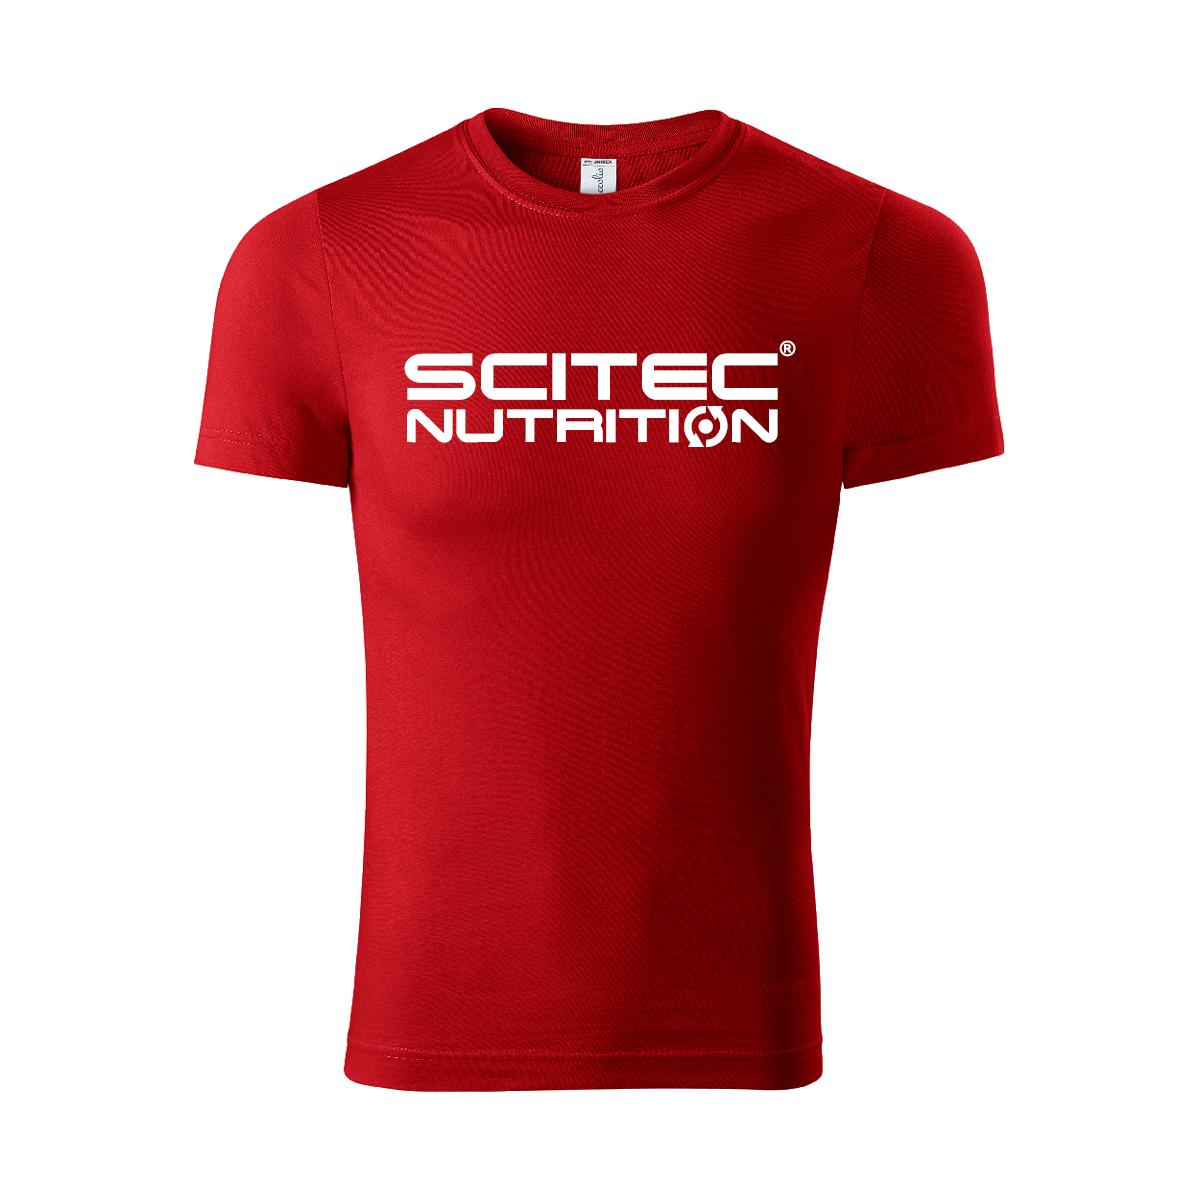 Scitec Nutrition Basic Scitec Nutrition férfi póló